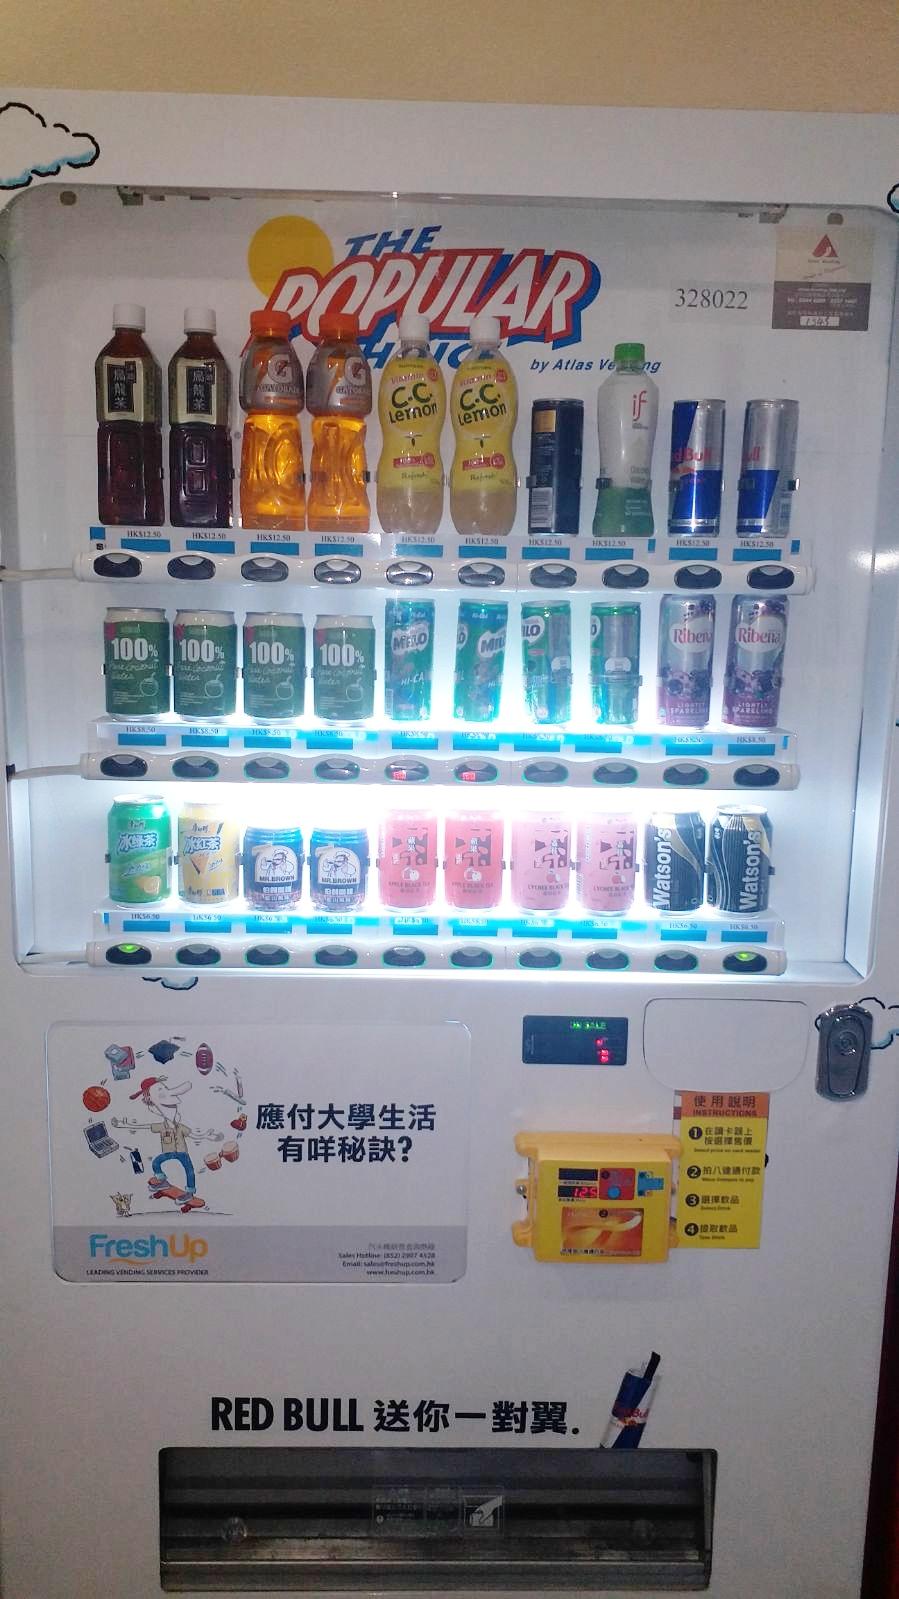 FreshUp,自動售賣機,自動販賣機,零食,飲品,方便,快捷,智能,學校,大學,香港浸會大學